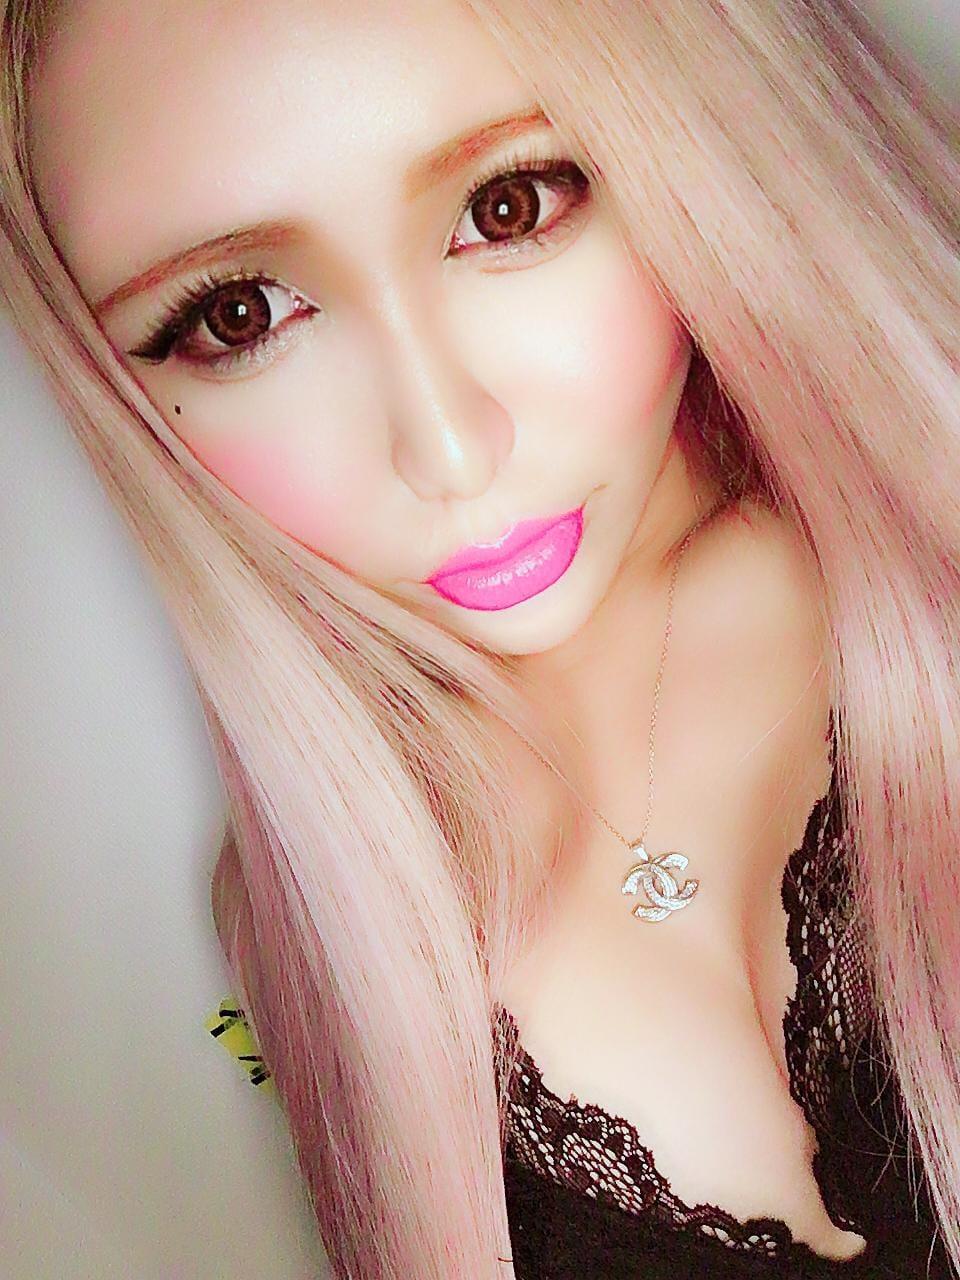 「今日の空き準備☆」05/27(05/27) 17:24 | AIKAの写メ・風俗動画